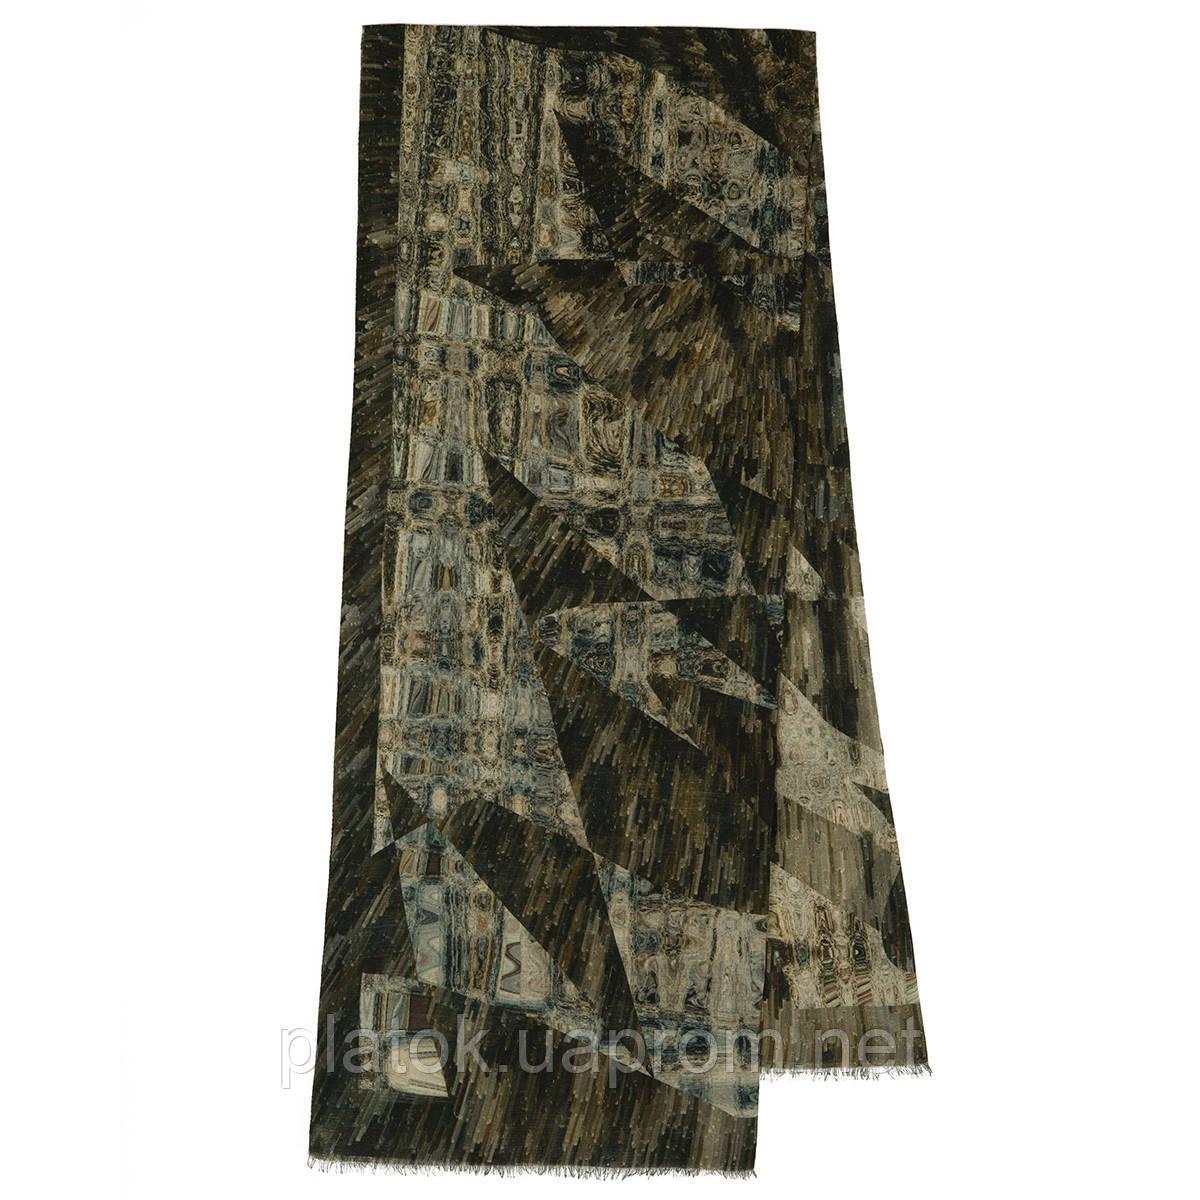 10375-17 кашне чоловіче, павлопосадский шарф (кашне) вовняної (розріджена шерсть) з осыпкой